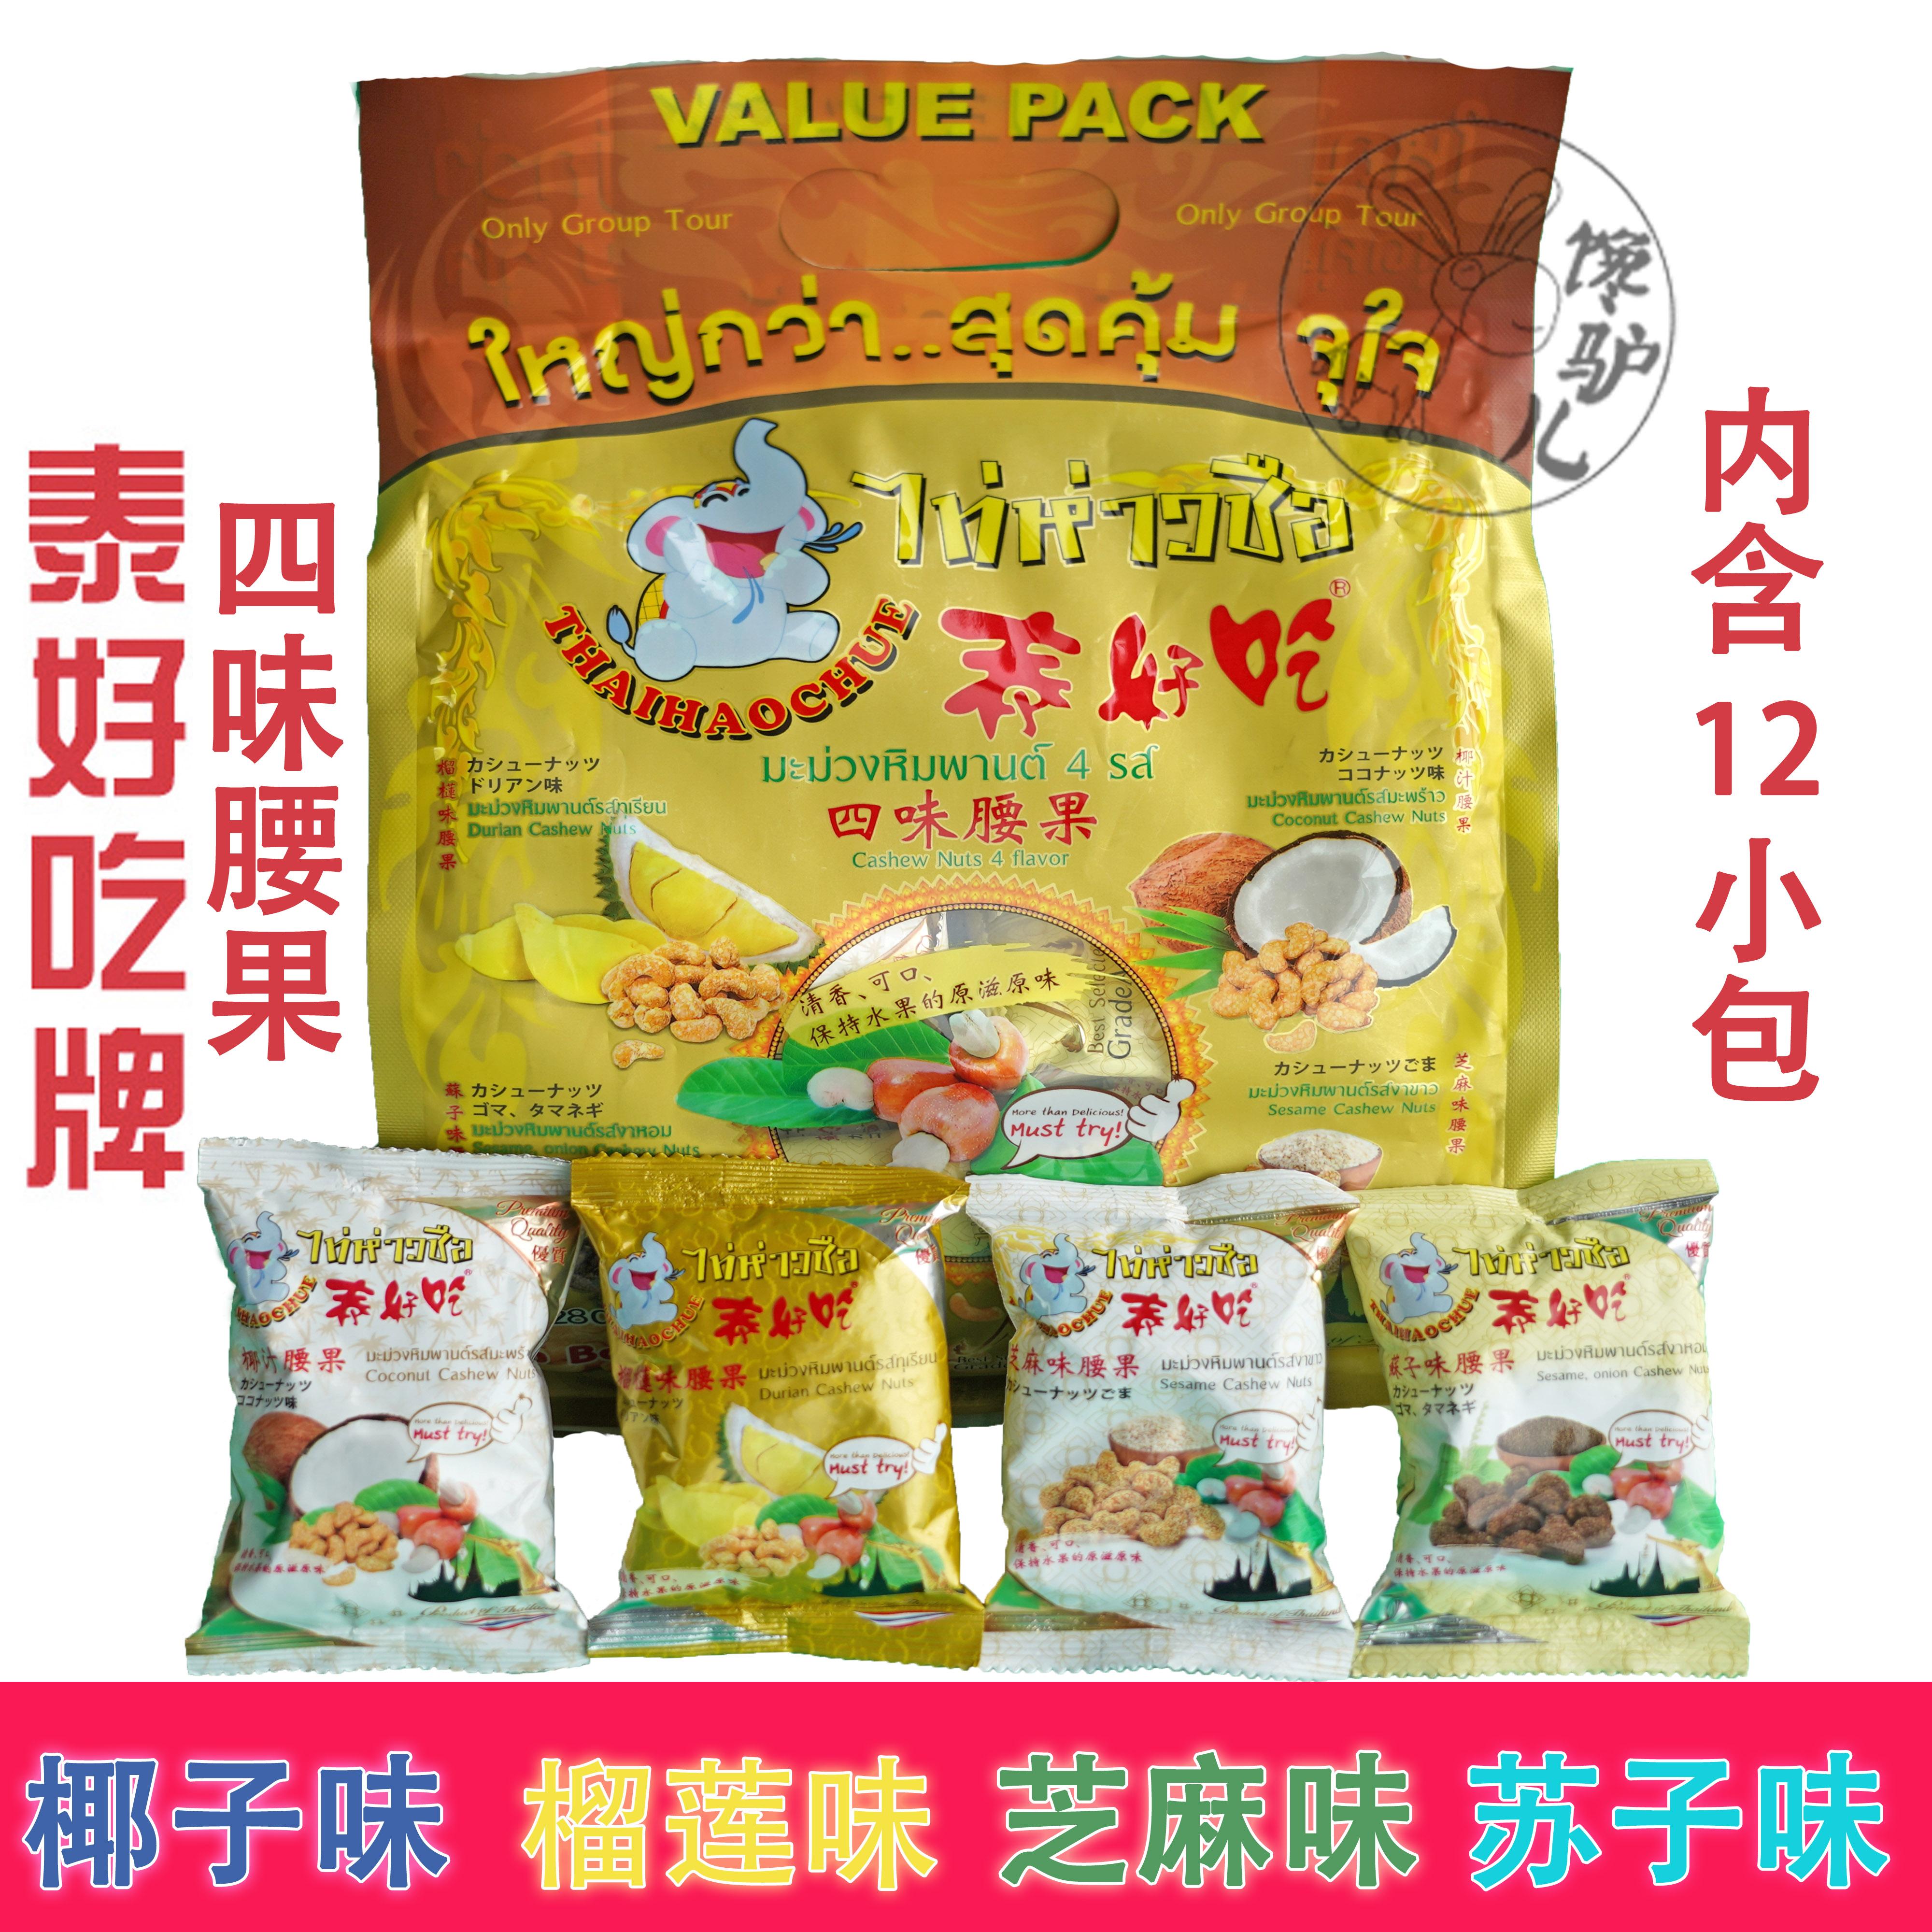 泰国原装正品泰好吃椰汁味腰果干189g 进口零食特产21gx9小包包邮